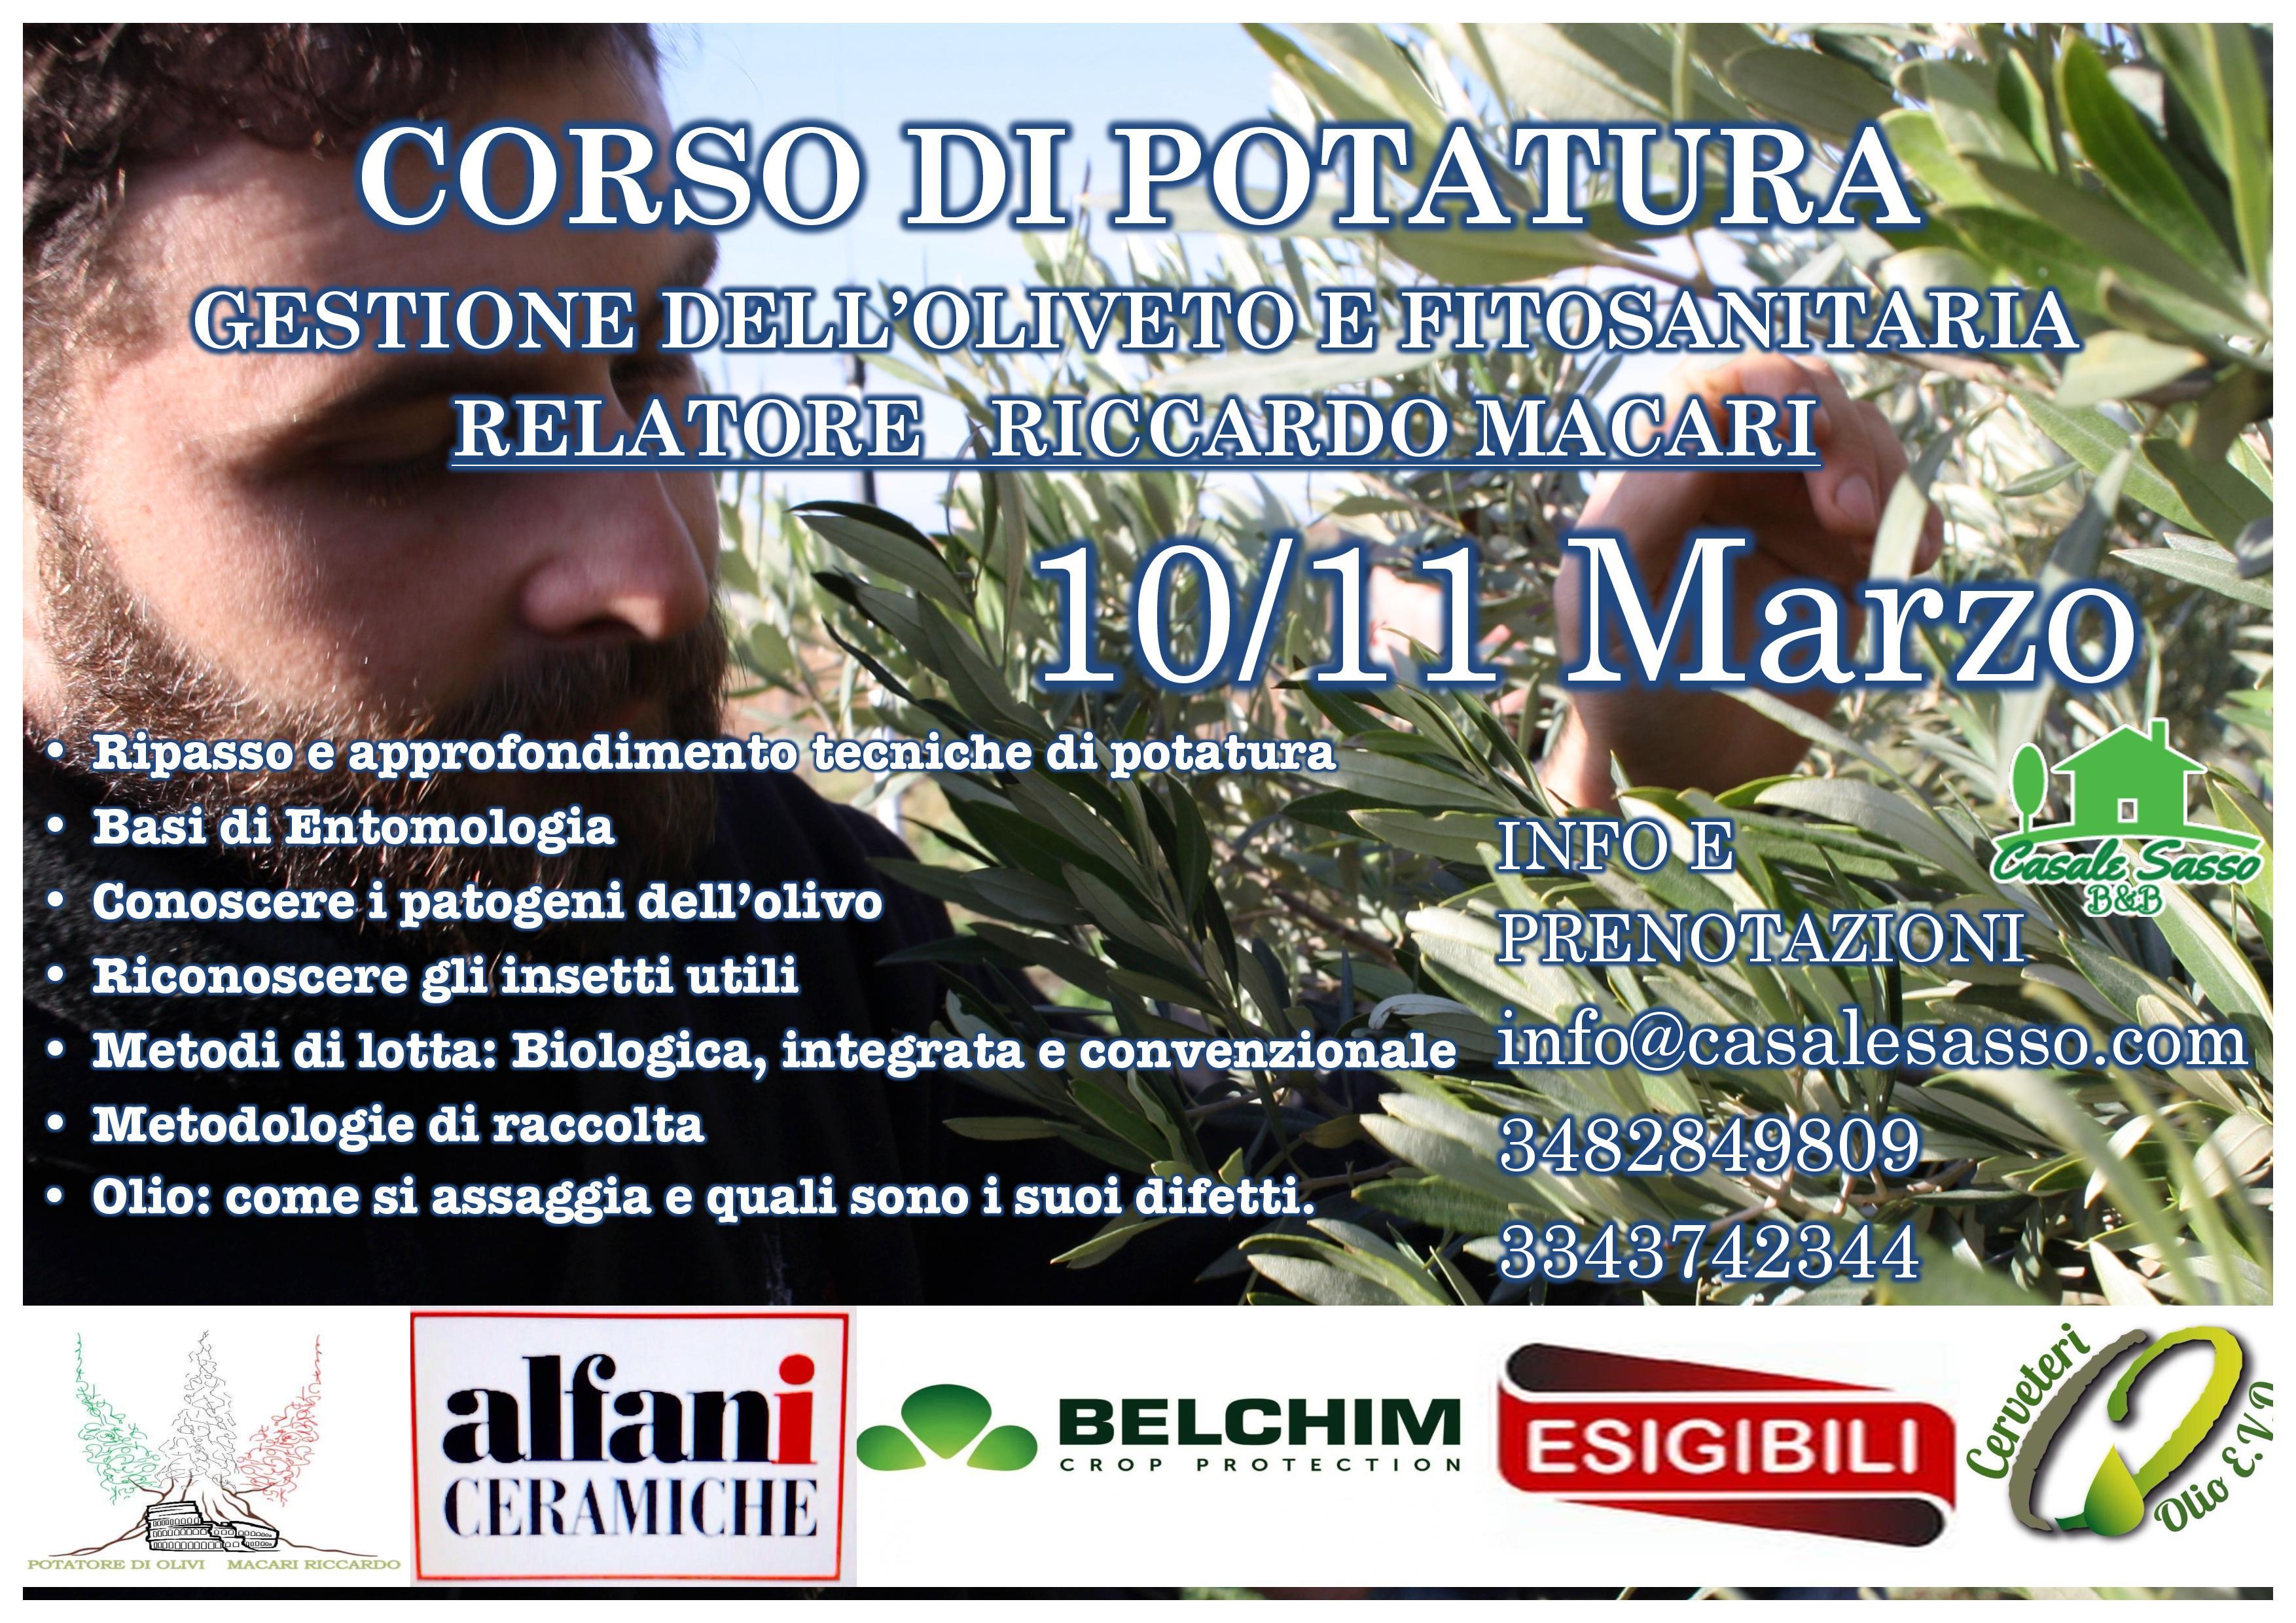 Corso Di Potatura 10/11 Marzo 2018